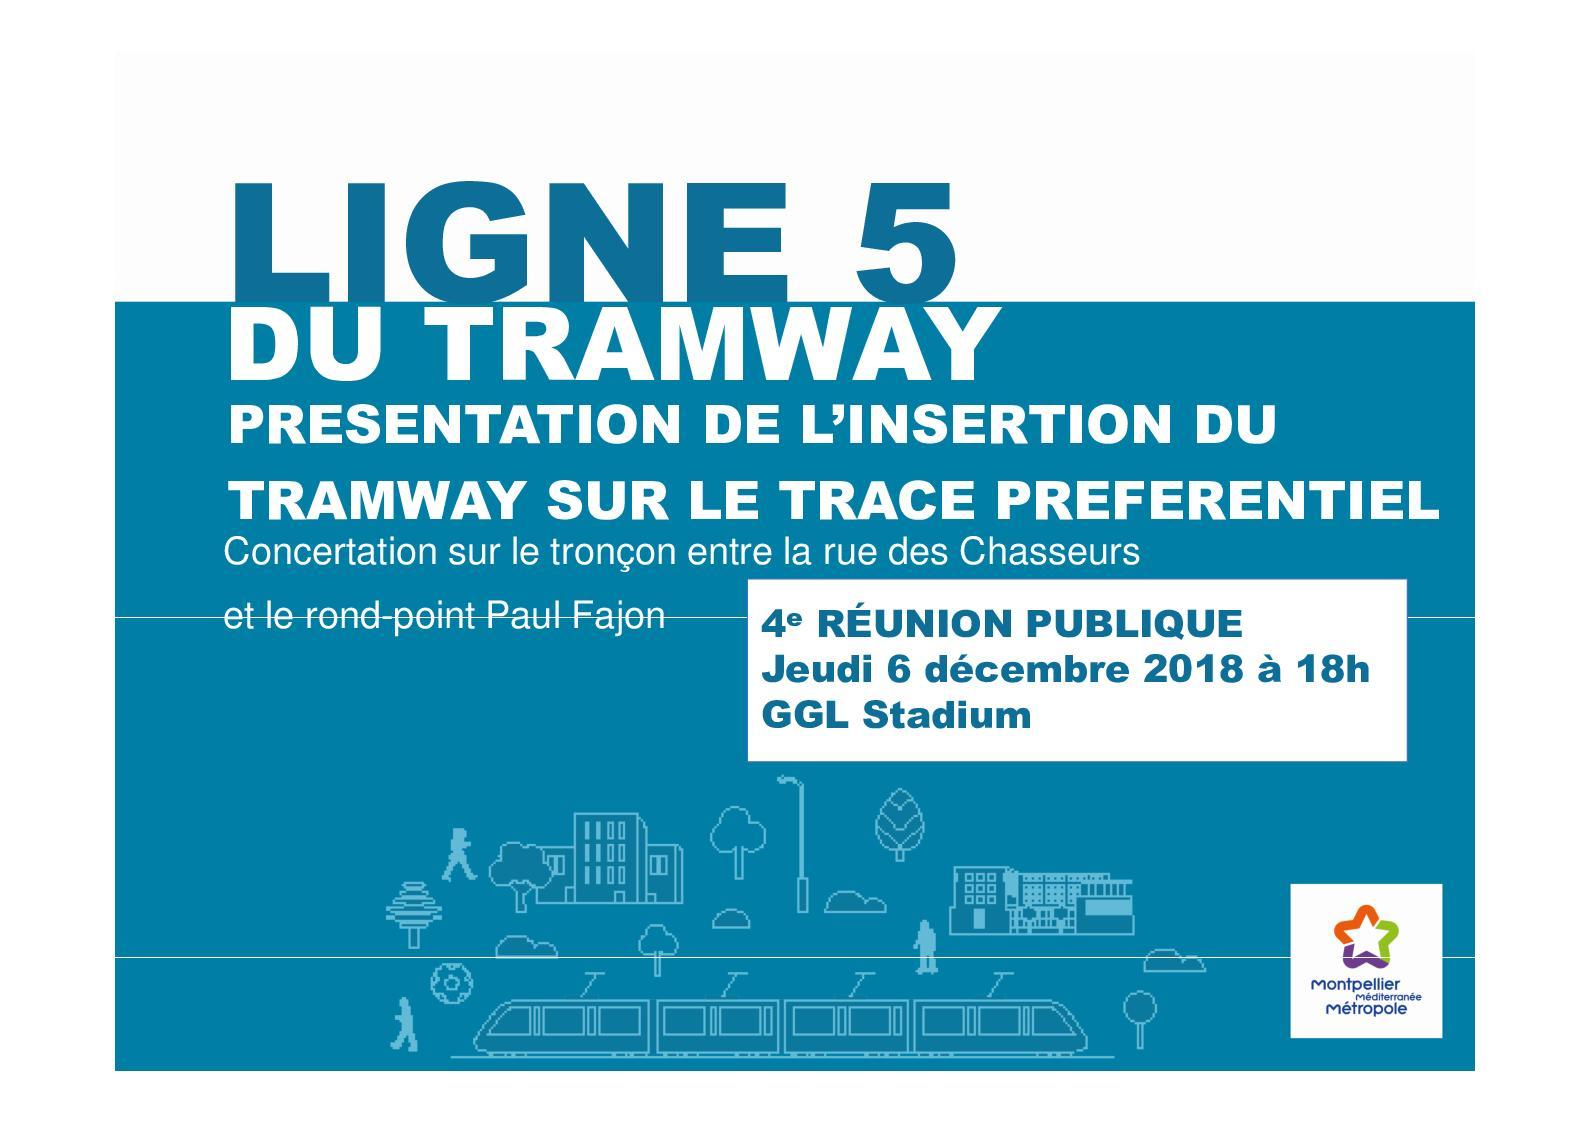 Présentation Réunion Publique Ligne 5 de Tramway | 06.12.2018